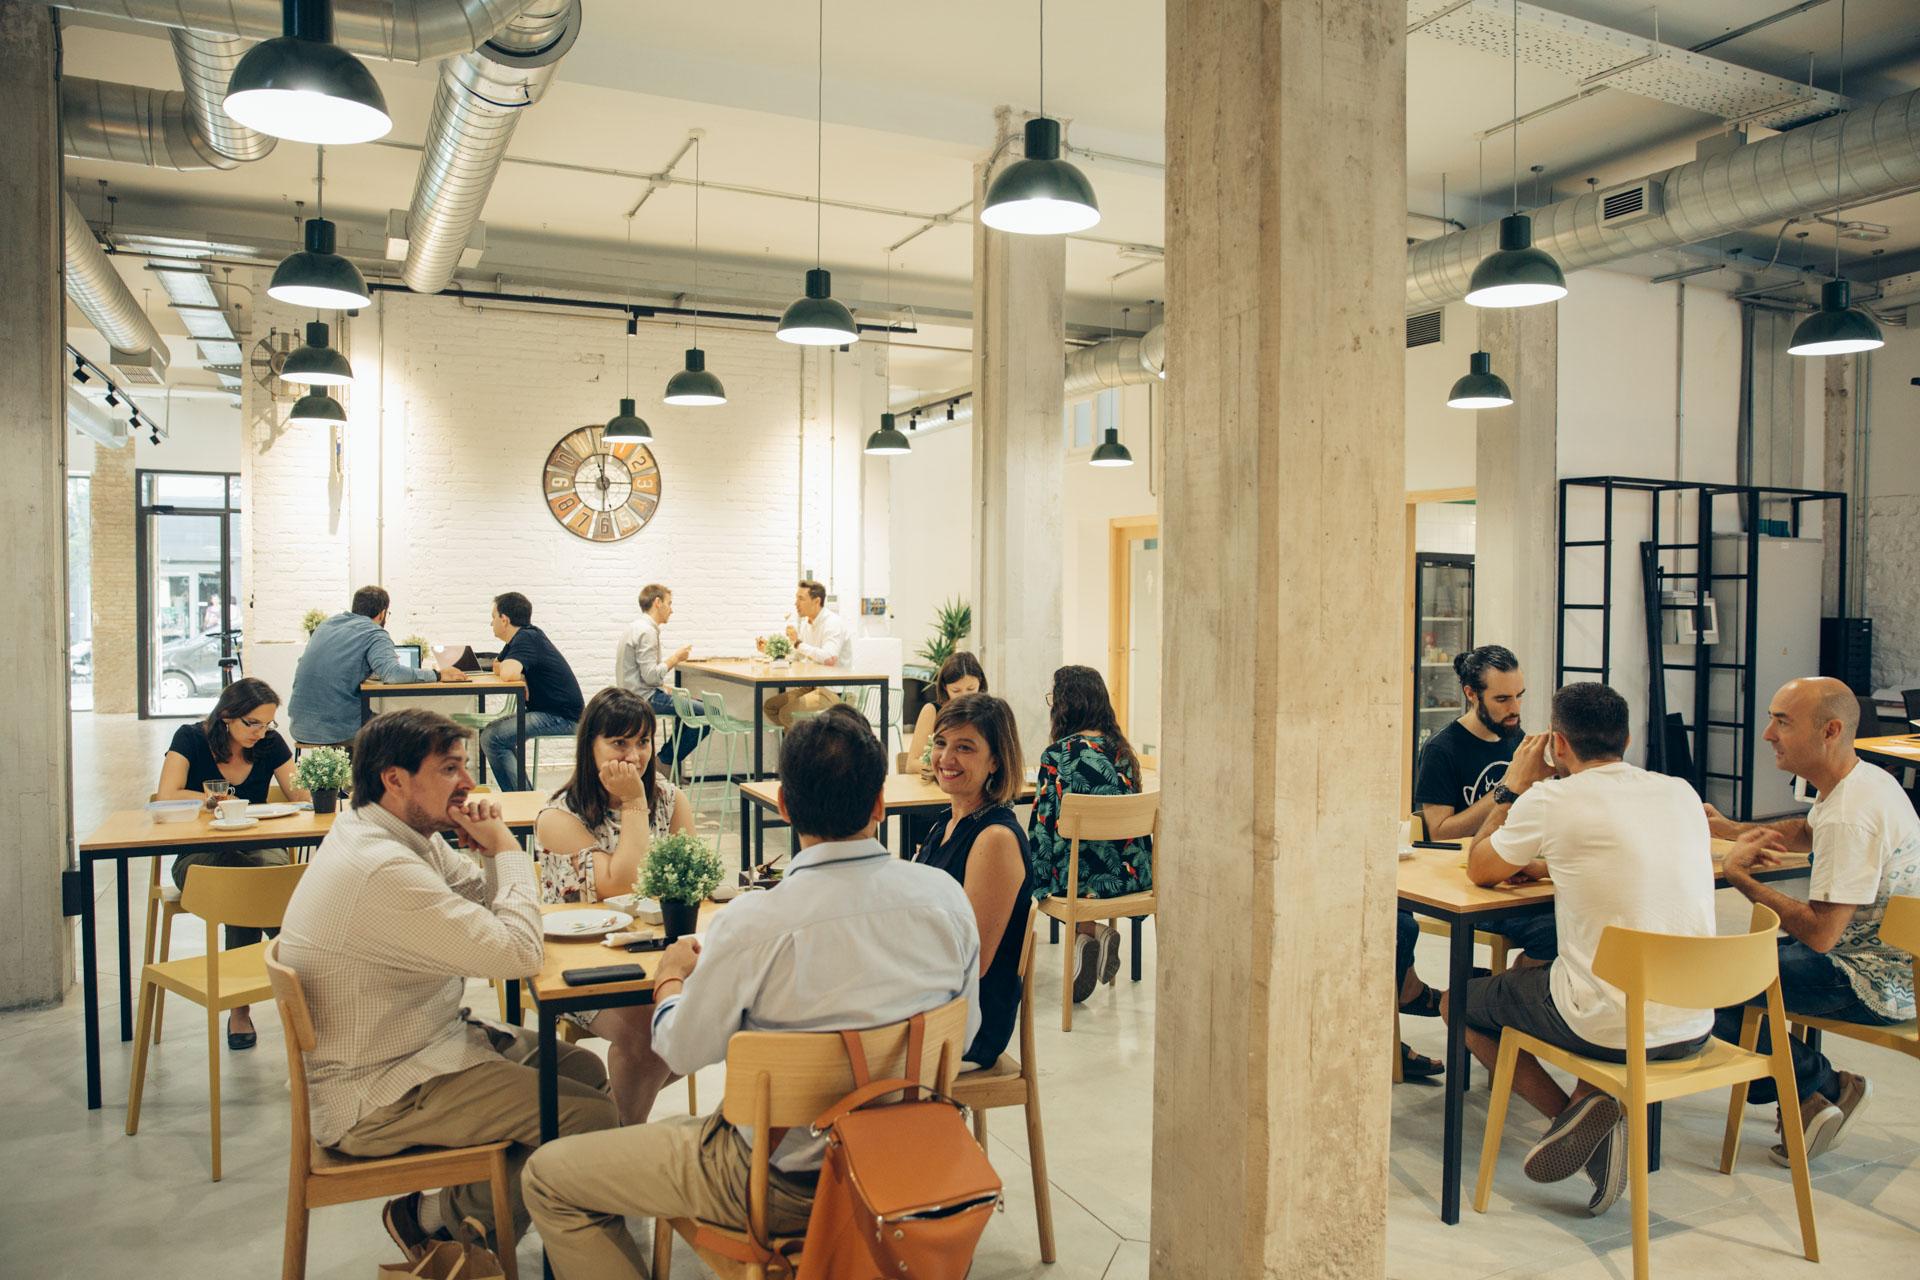 cafetería wayco ruzafa 2